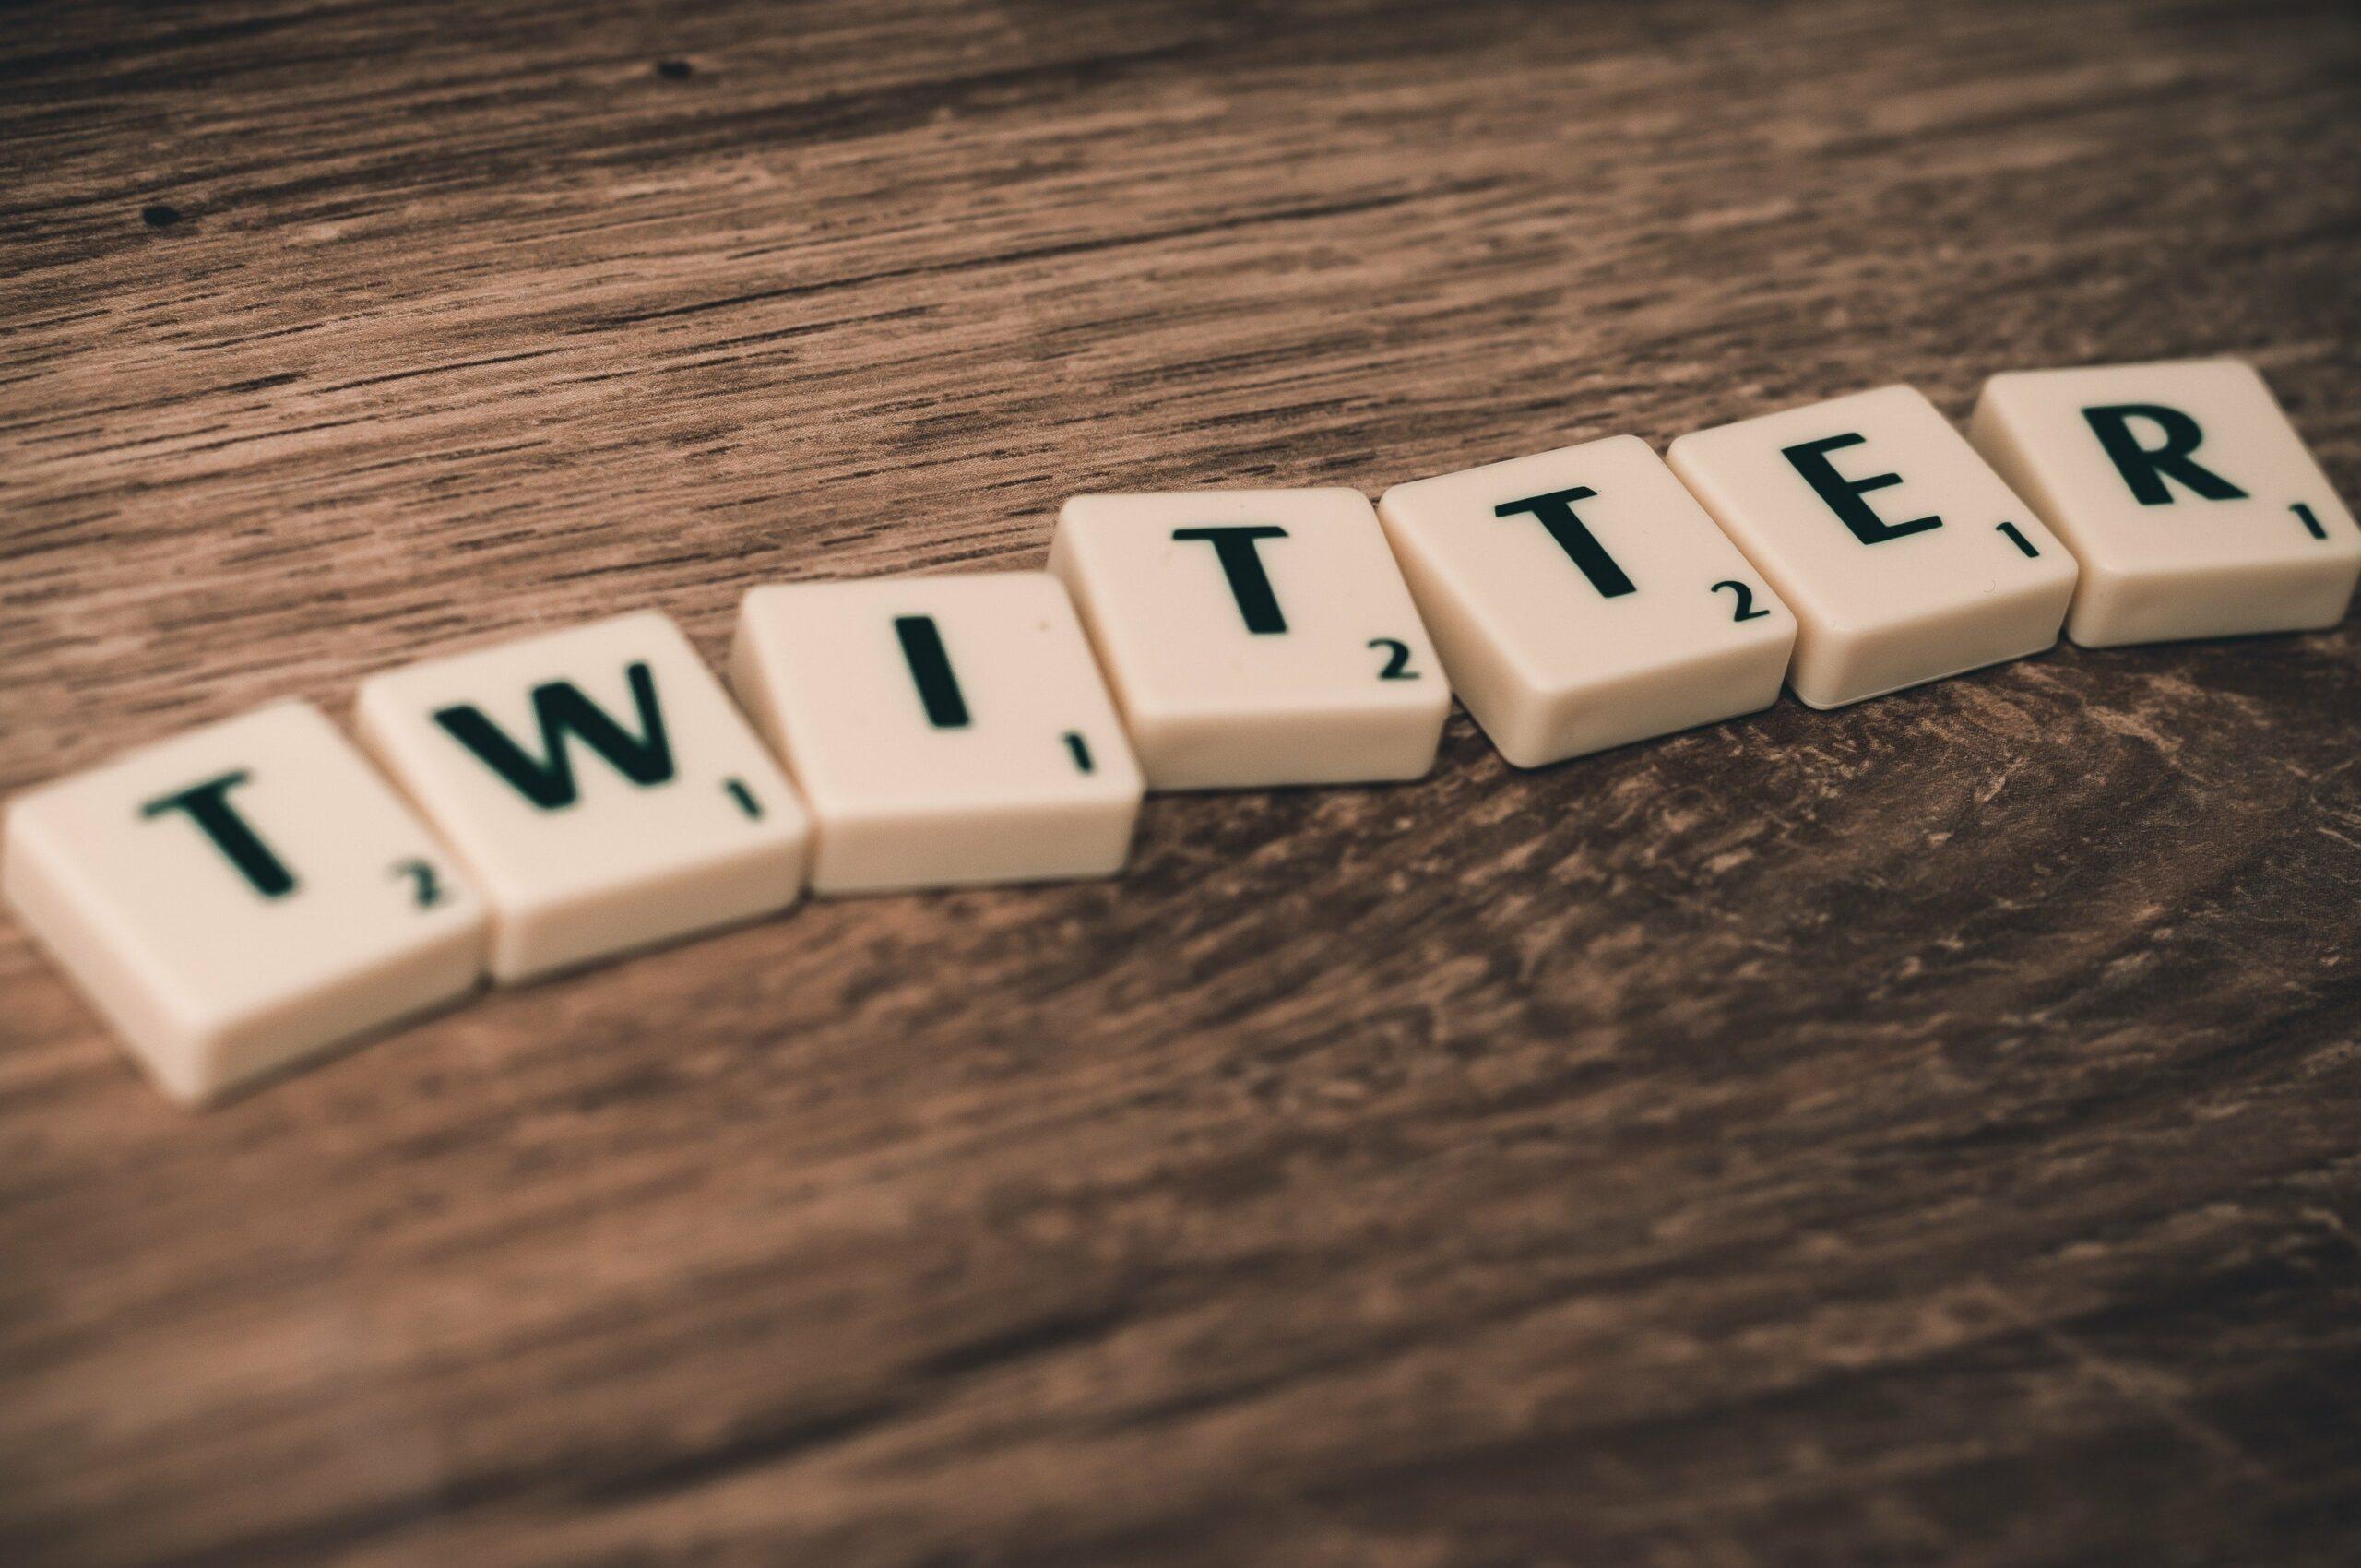 twitter-in-scrabble-letters-min